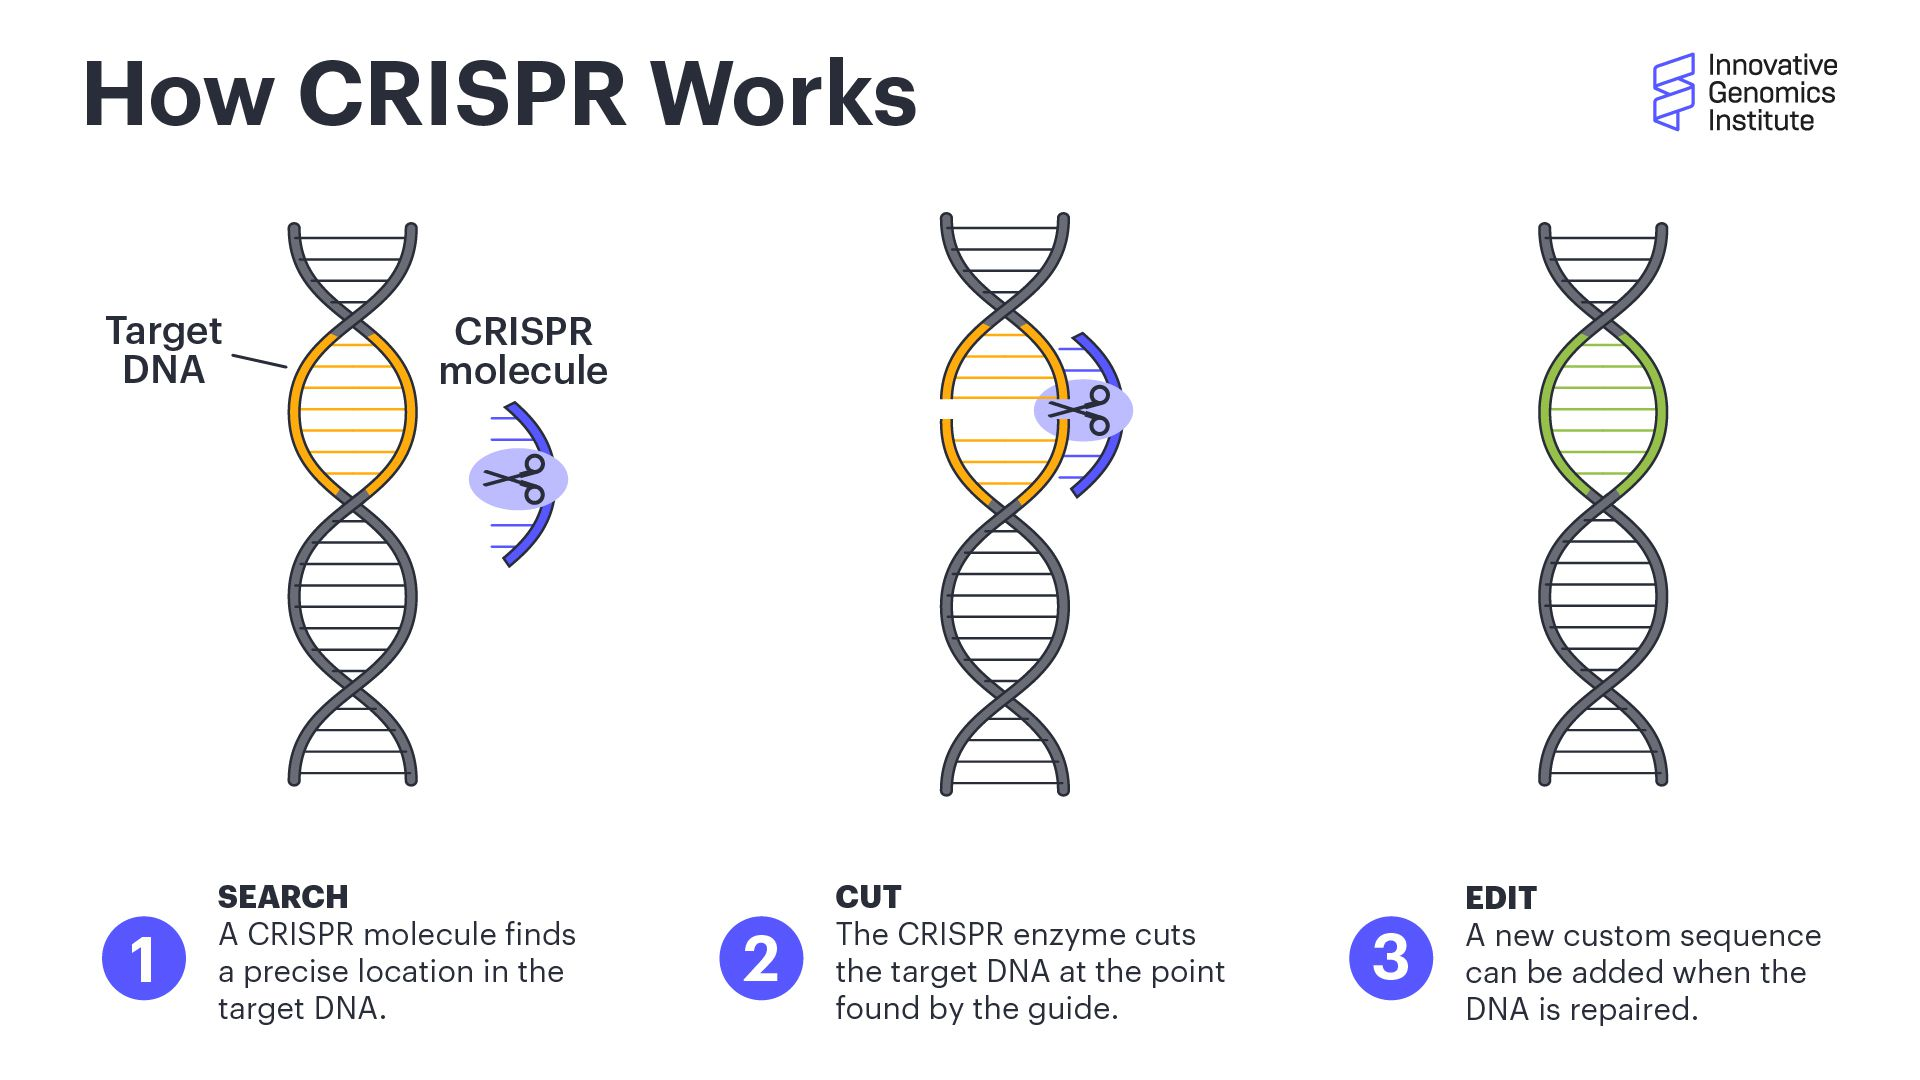 How CRISPR Works illustration